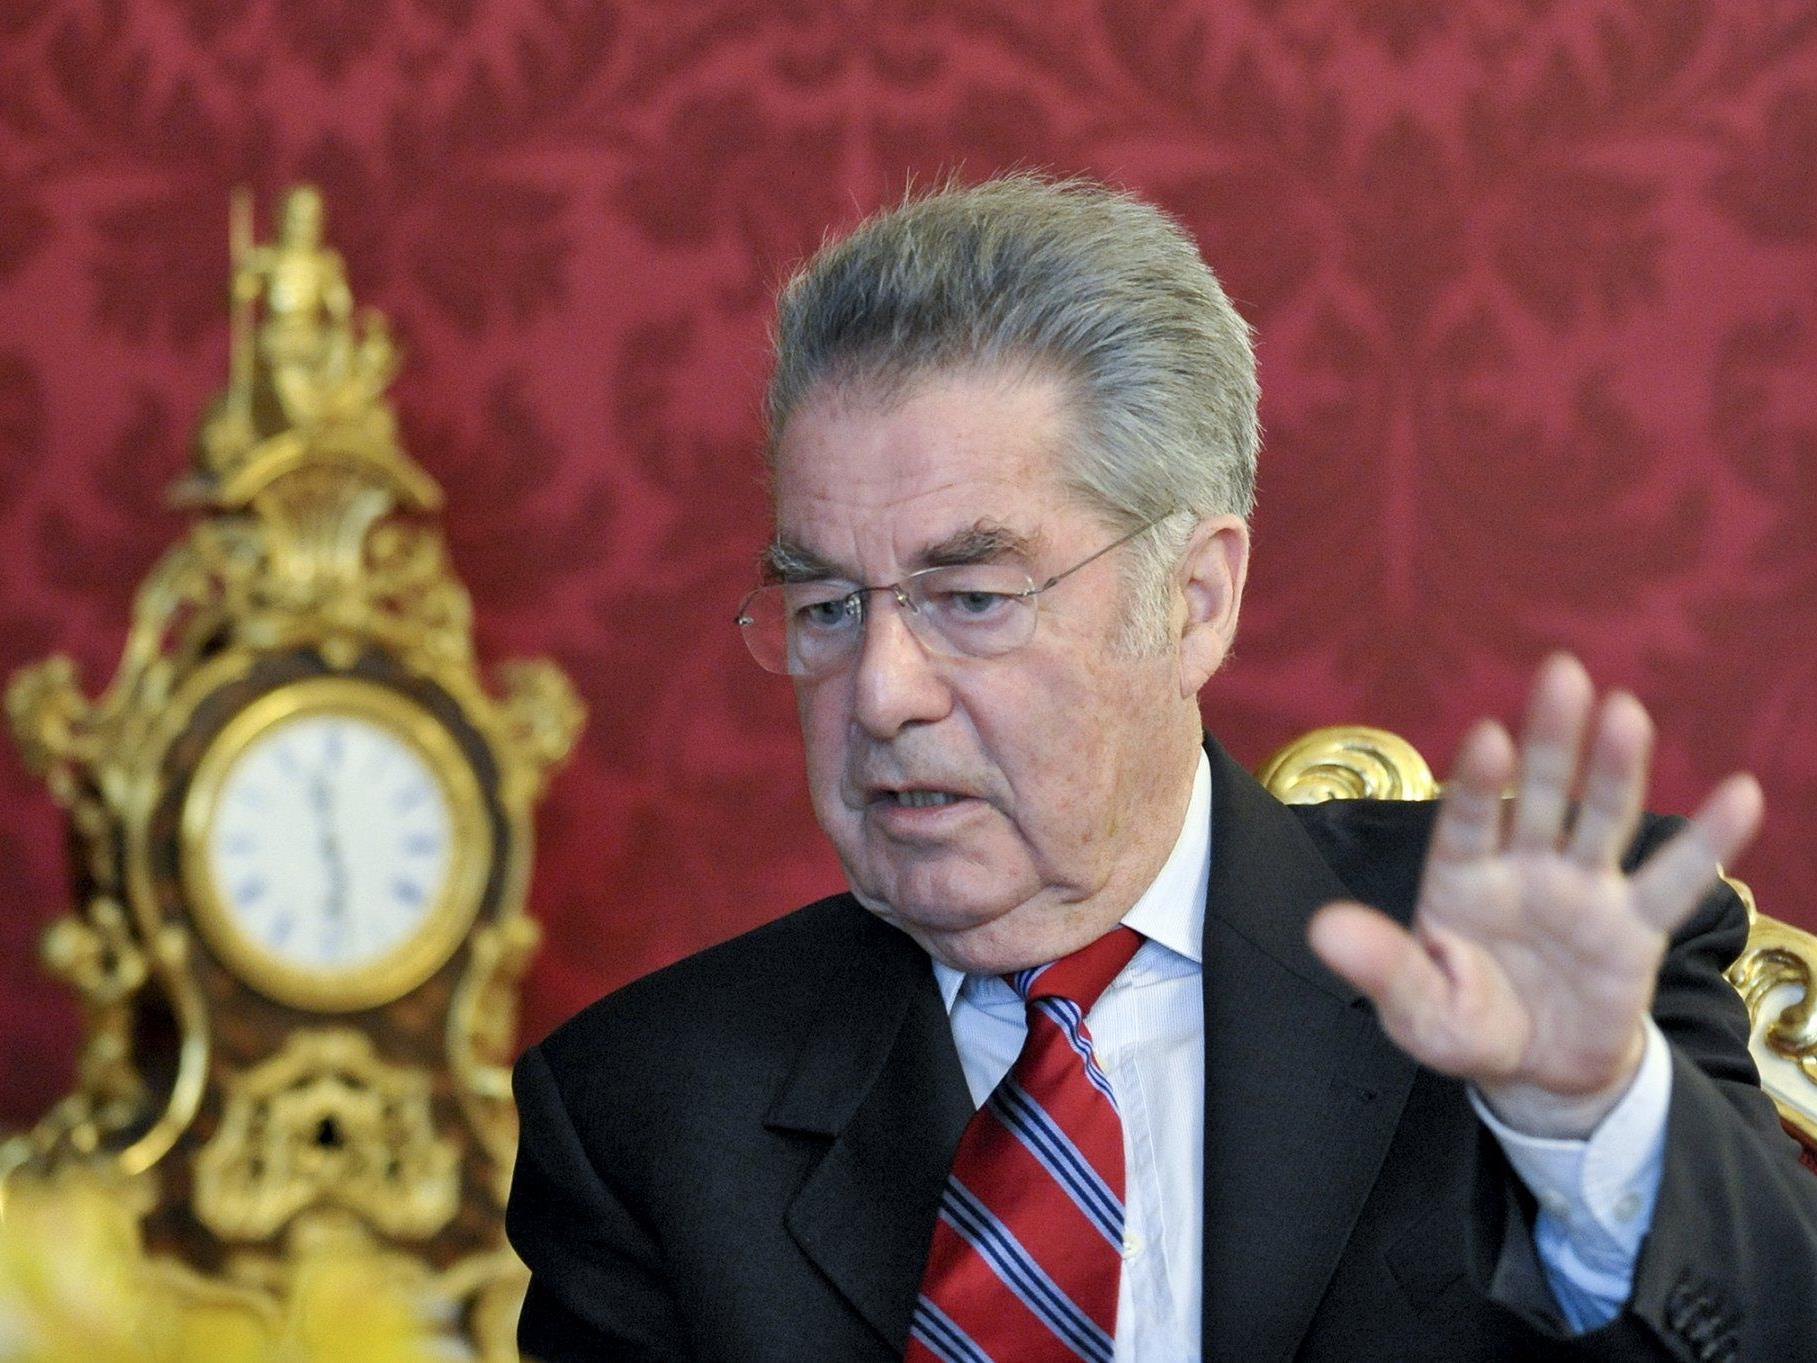 Das Maß ist voll: Bundespräsident Heinz Fischer verweigert Strache vorläufig das Ehrenzeichen.